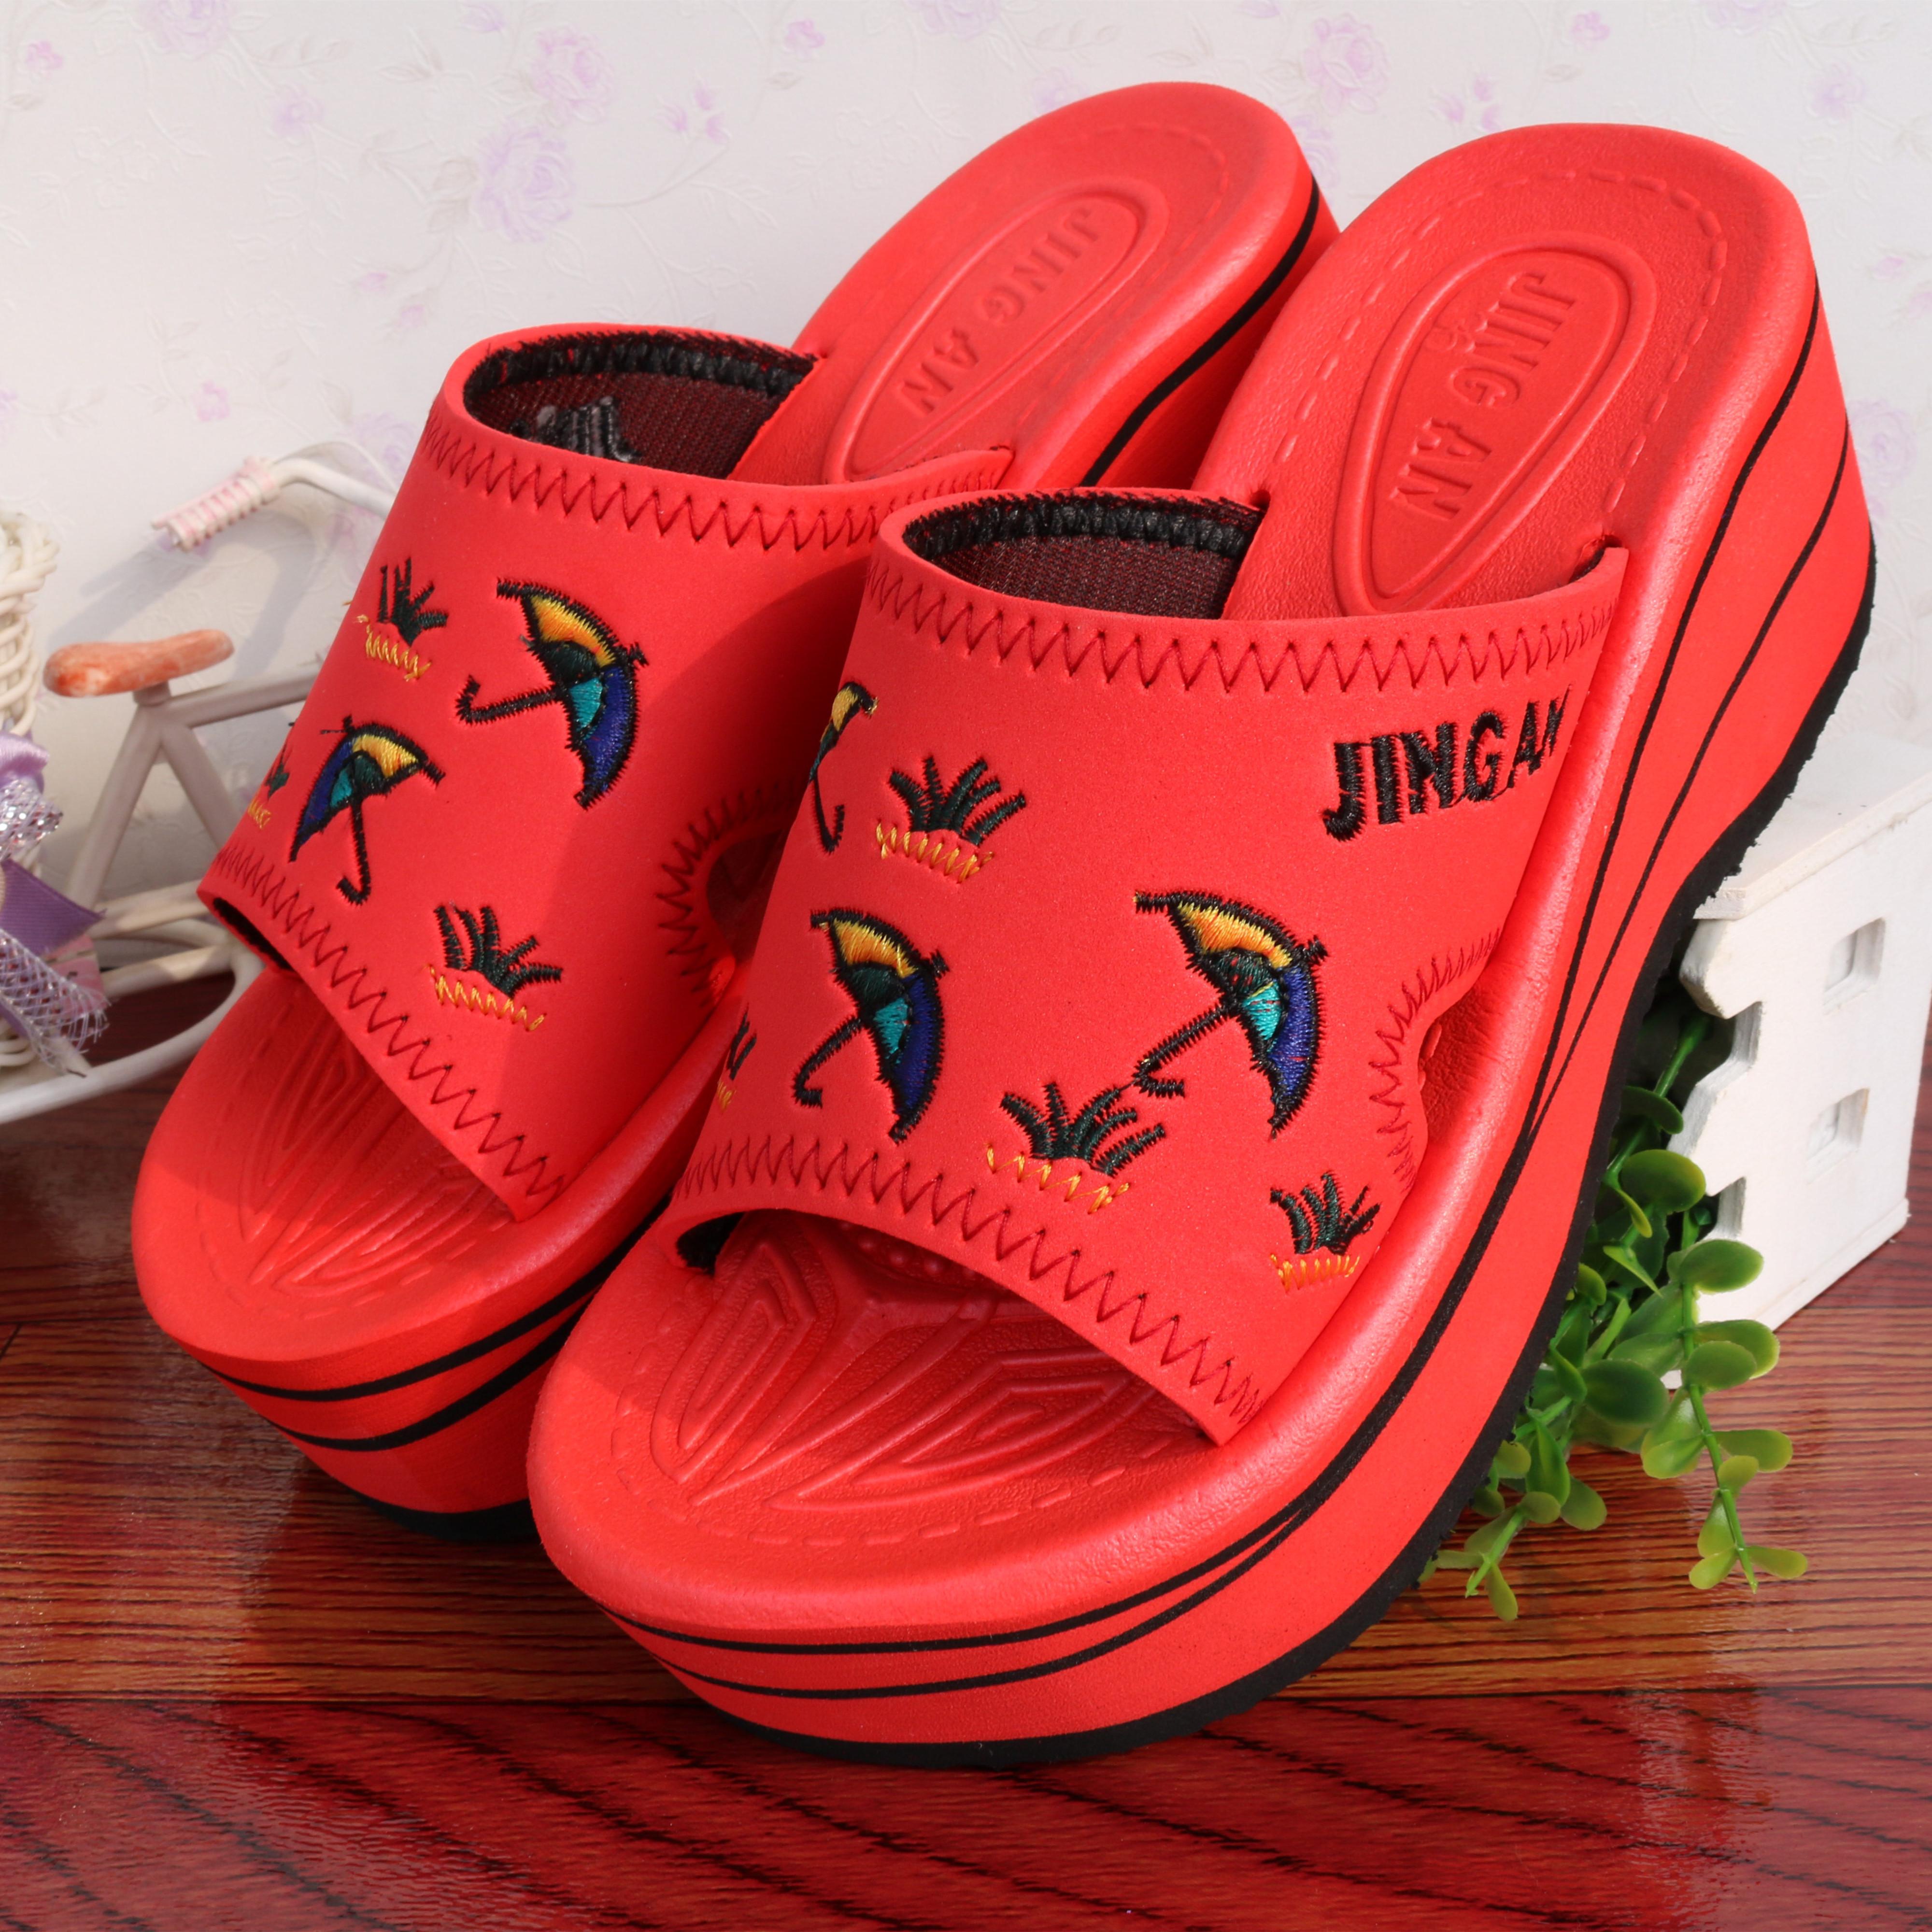 红色坡跟鞋 新款小雨伞坡跟拖鞋加厚松糕底女鞋女增高家居鞋女红色高跟鞋正品_推荐淘宝好看的红色坡跟鞋